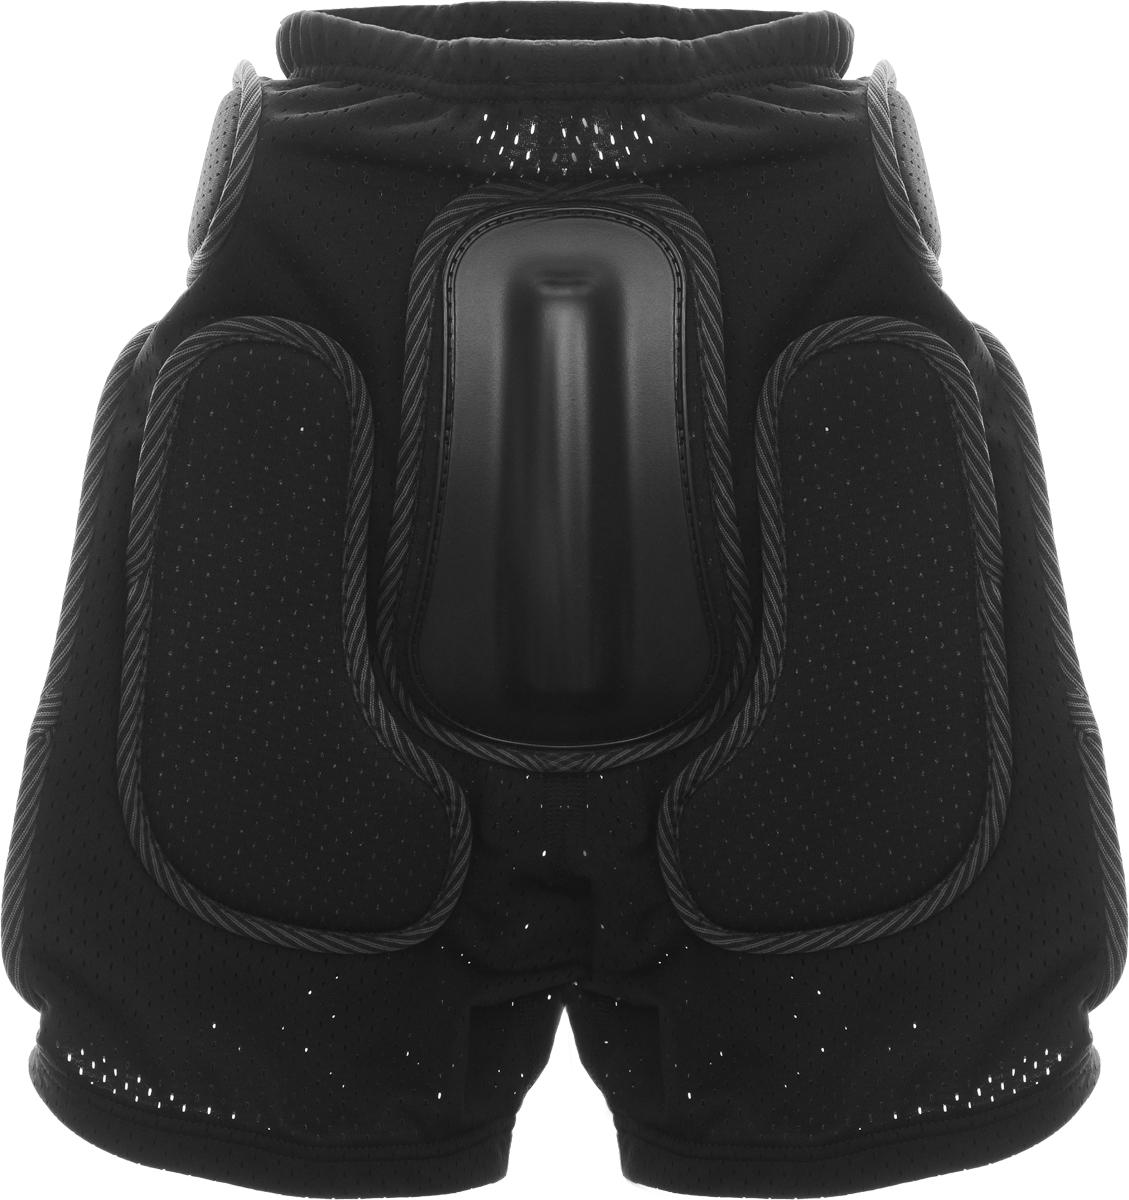 Шорты защитные Biont Комфорт, цвет: черный, размер SRE002Защитные шорты Biont Комфорт - это необходимая часть снаряжения сноубордистов, любителей экстремального катания на роликах, байкеров, фанатов зимнего кайтинга. Шорты изготовлены из мягкой эластичной потовыводящей сетки с хорошей воздухопроницаемостью под накладками без остаточной деформации. Для обеспечения улучшенной вентиляции в шортах используется дышащая сетка спейсер. Комфортные защитные шорты Biont Комфорт идеальный выбор для любителей экстремального спорта. Толщина пластиковых накладок: 8-12 мм.